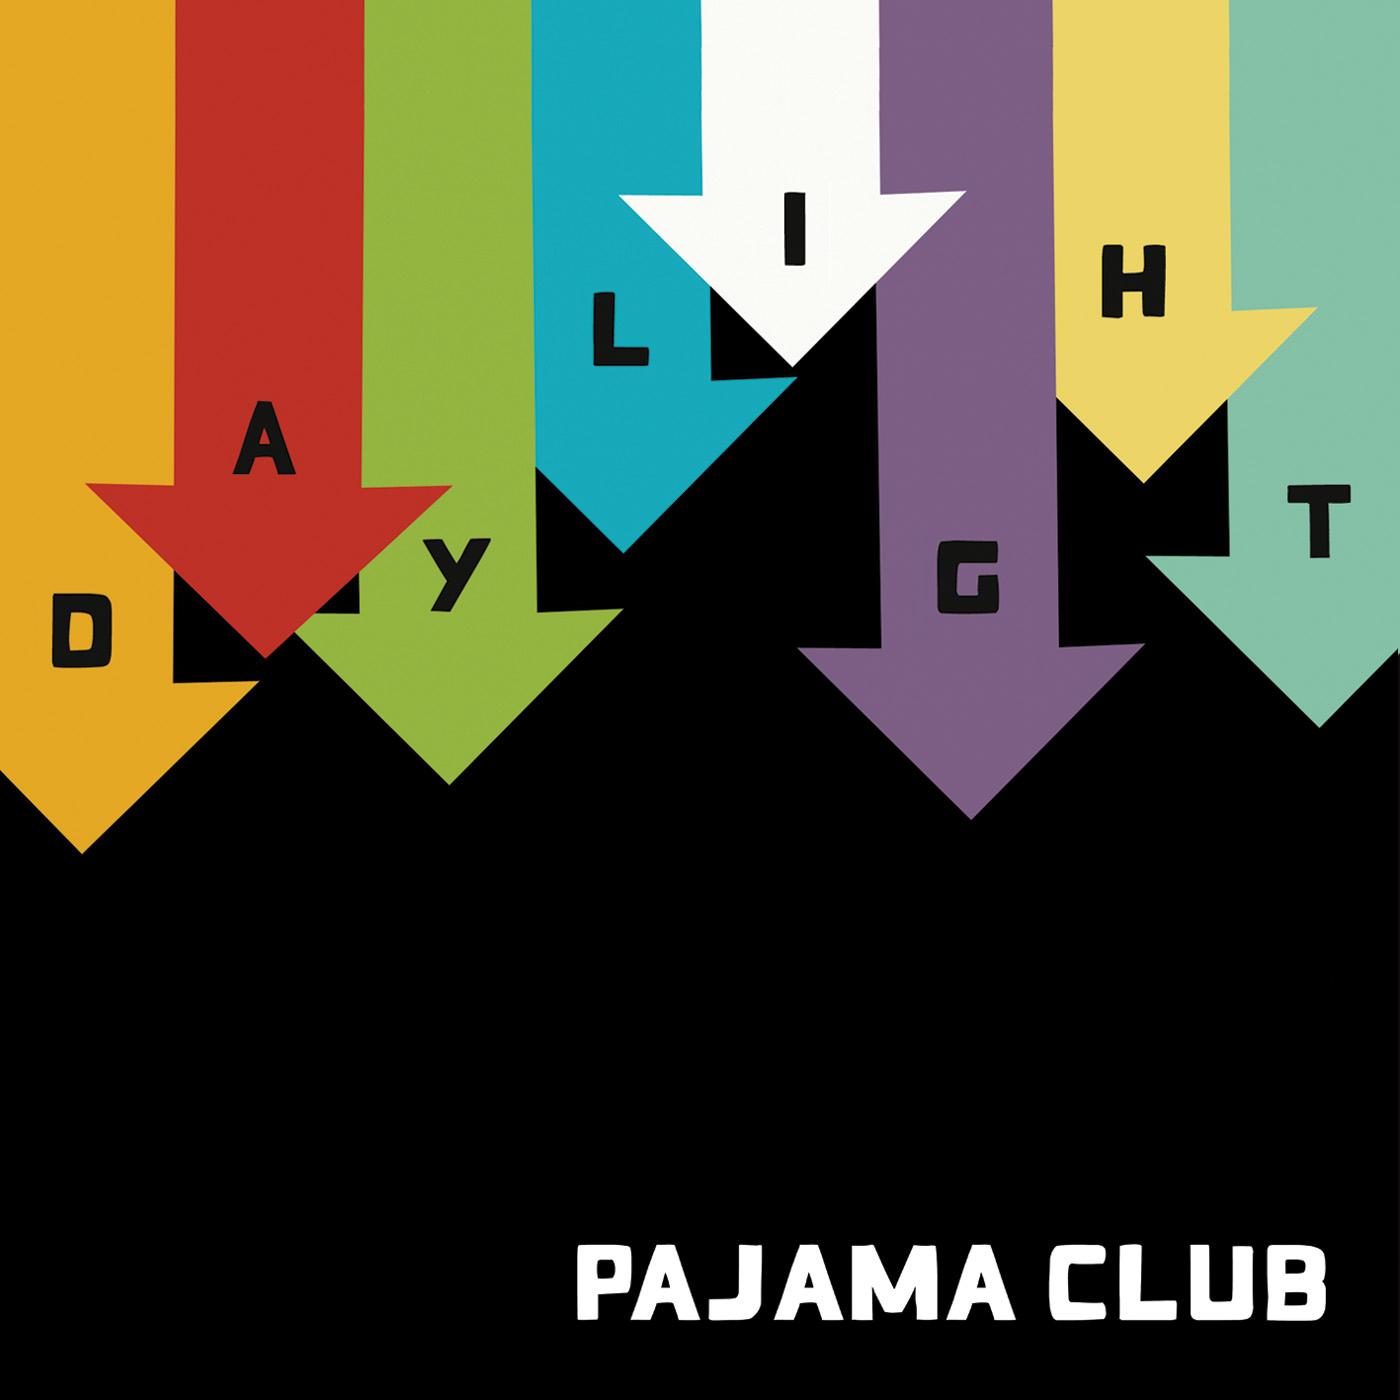 Pajama Club - Daylight - Single